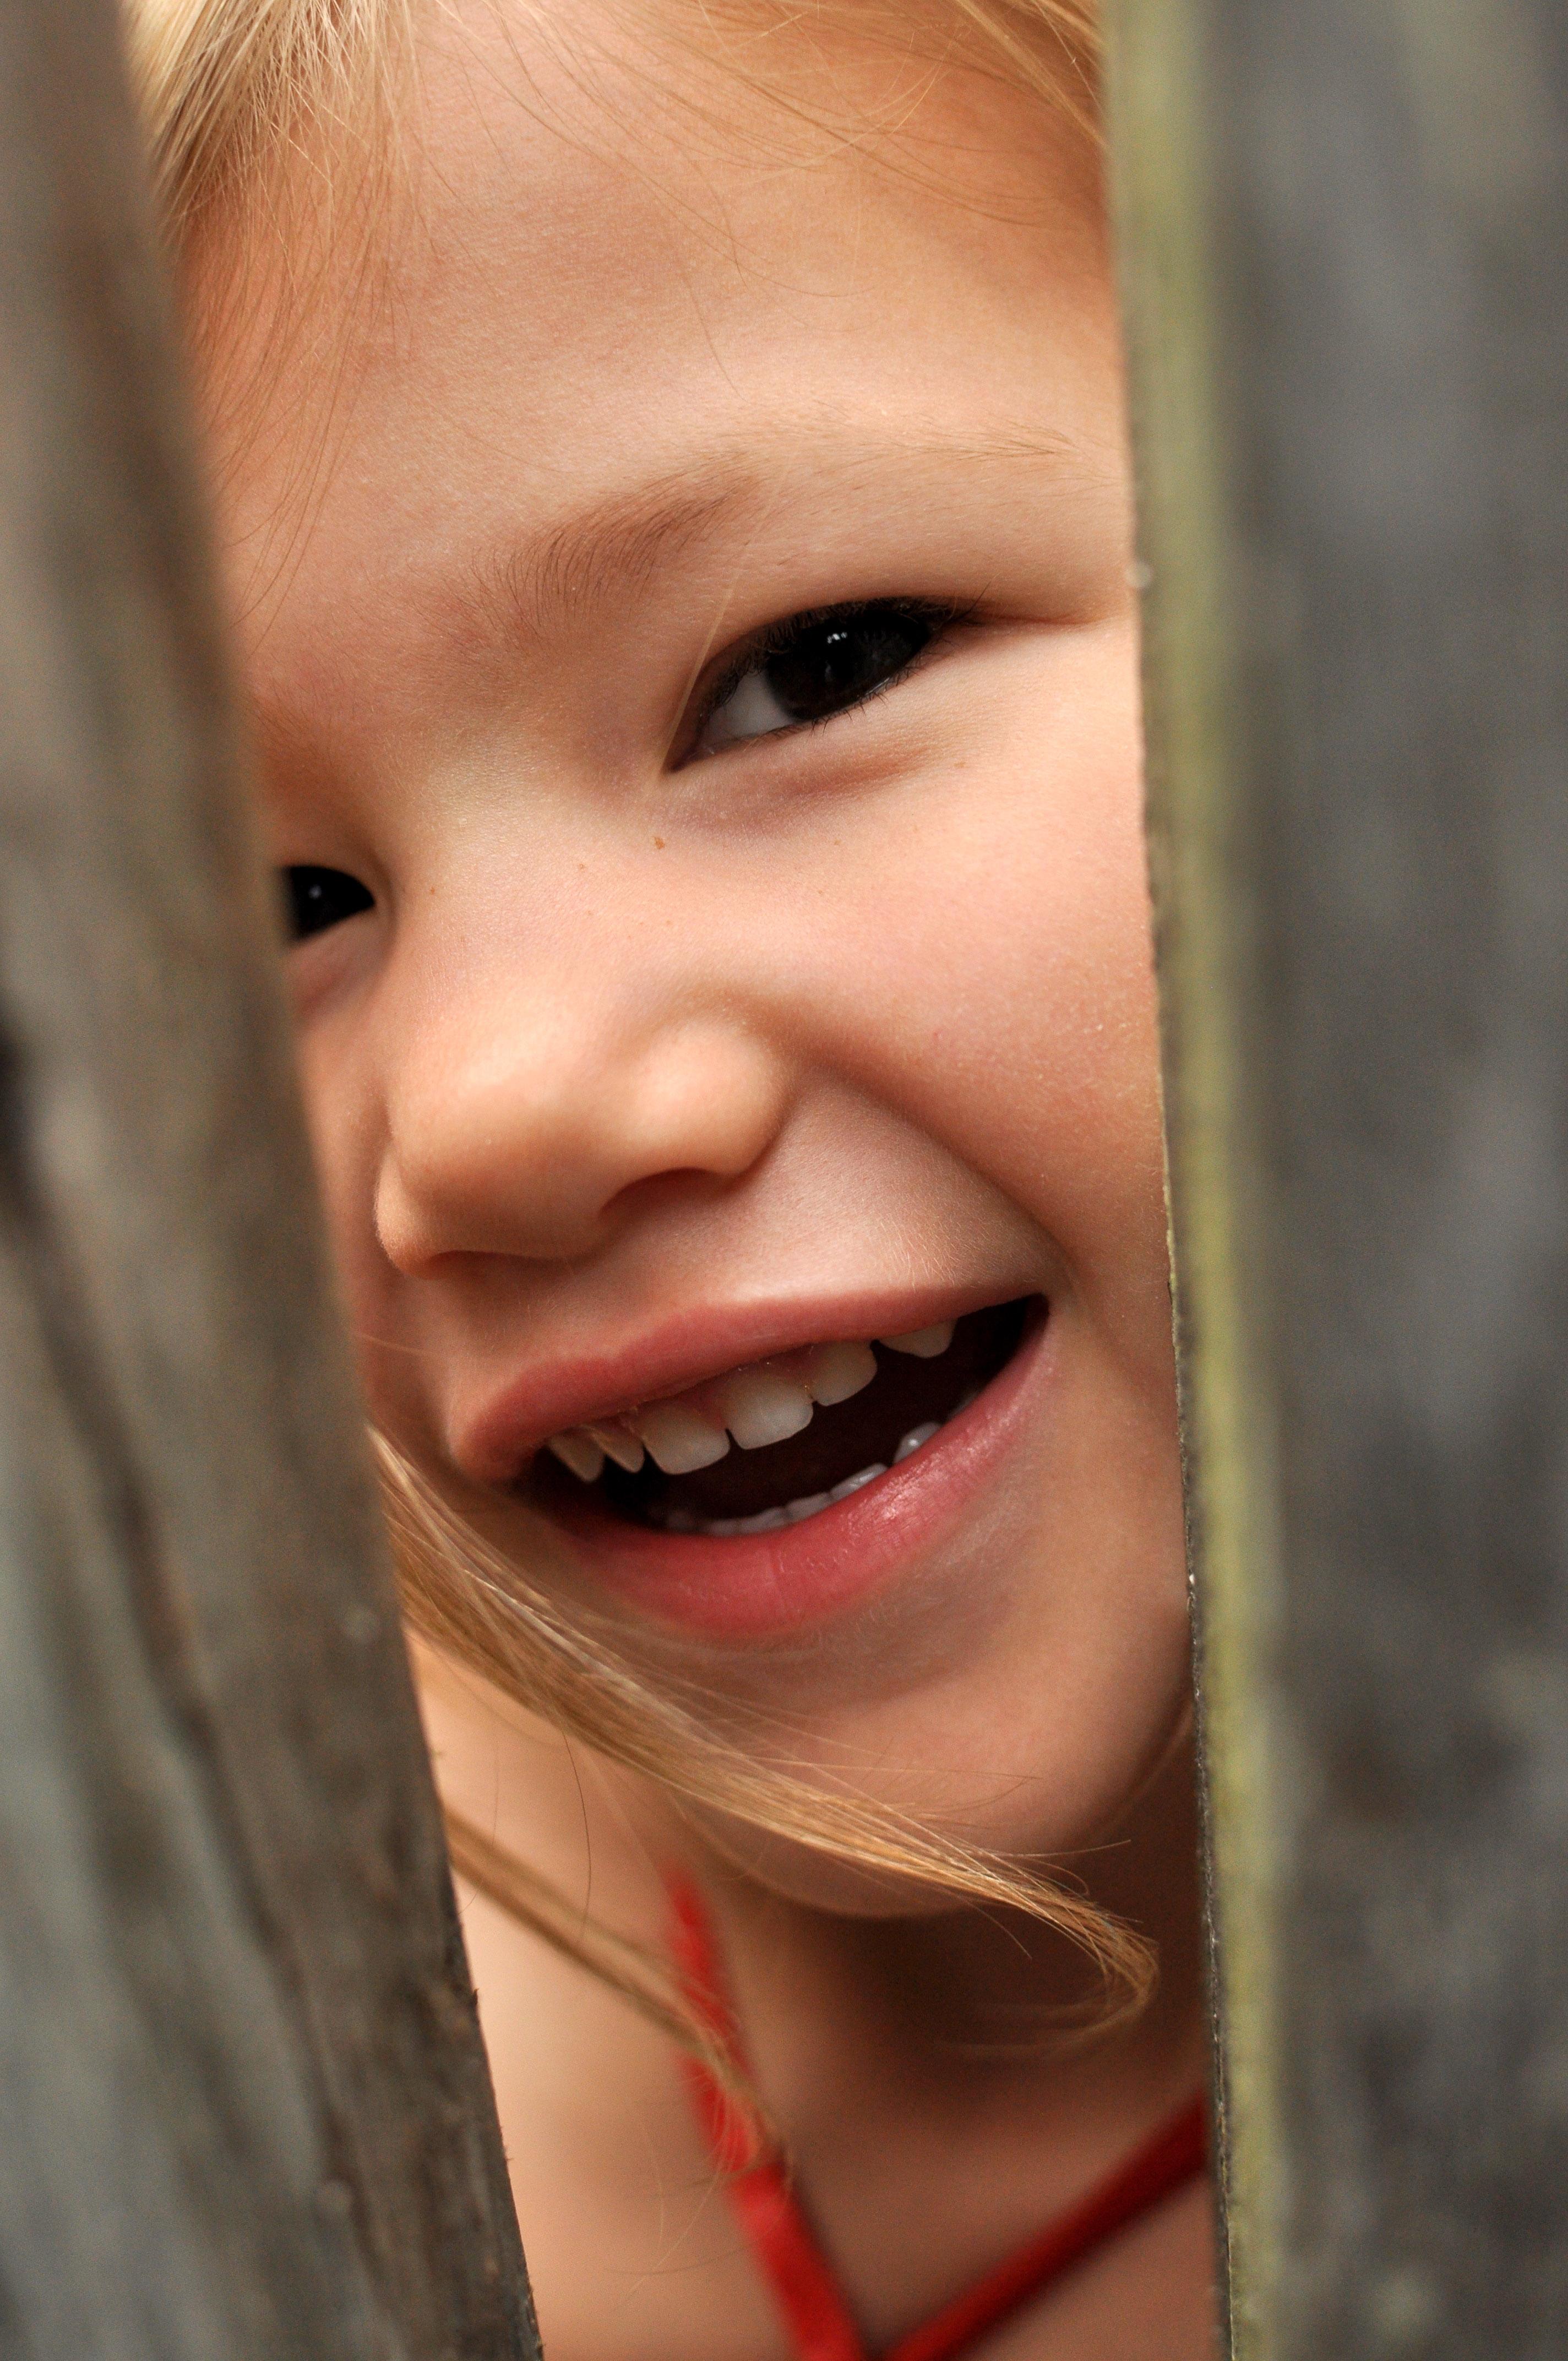 Josie peeking through the gate